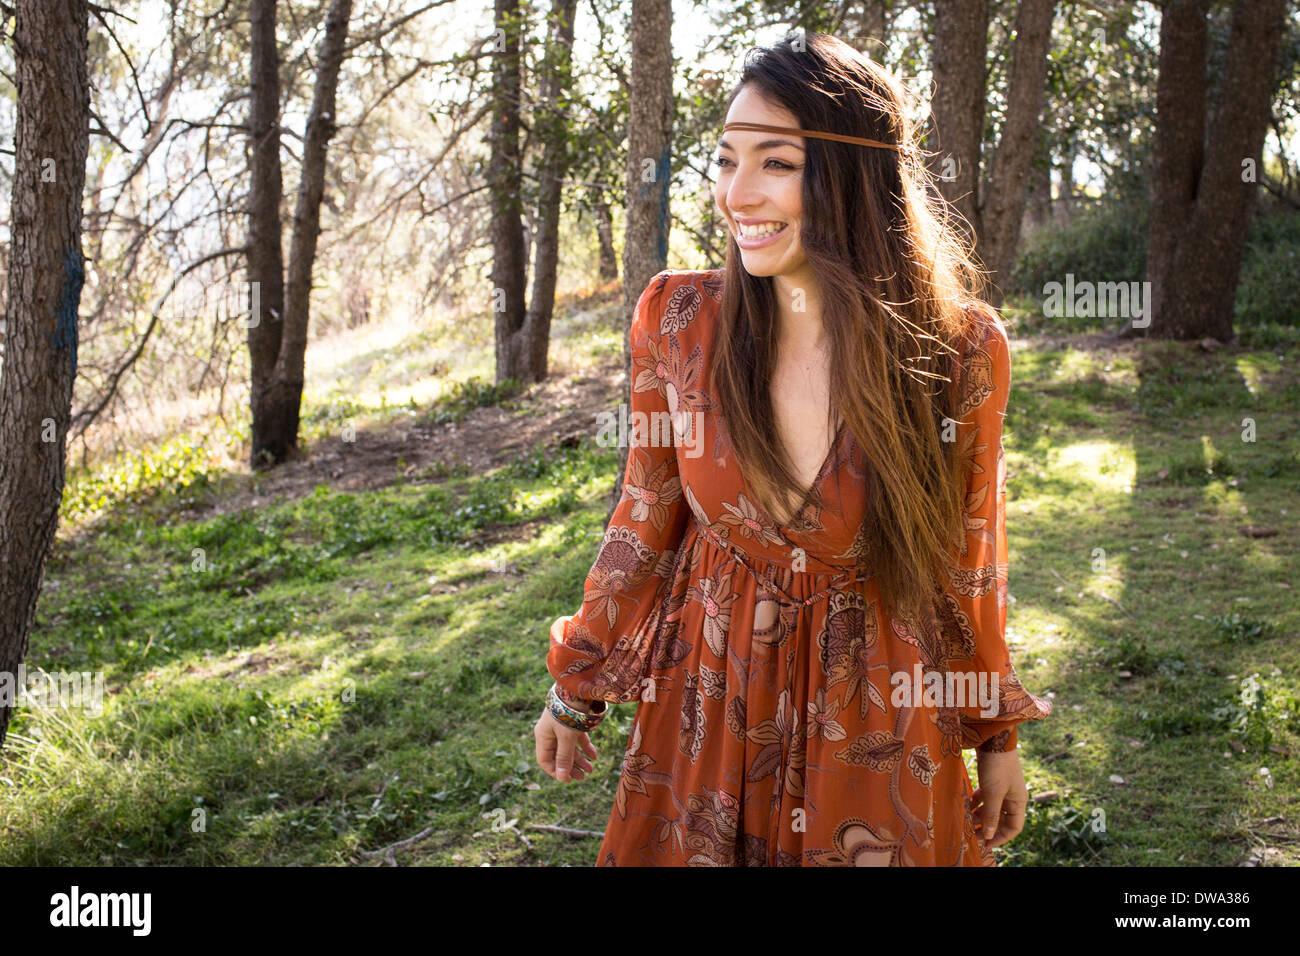 Ritratto di giovane donna che indossa abiti in foresta, sorridente Immagini Stock